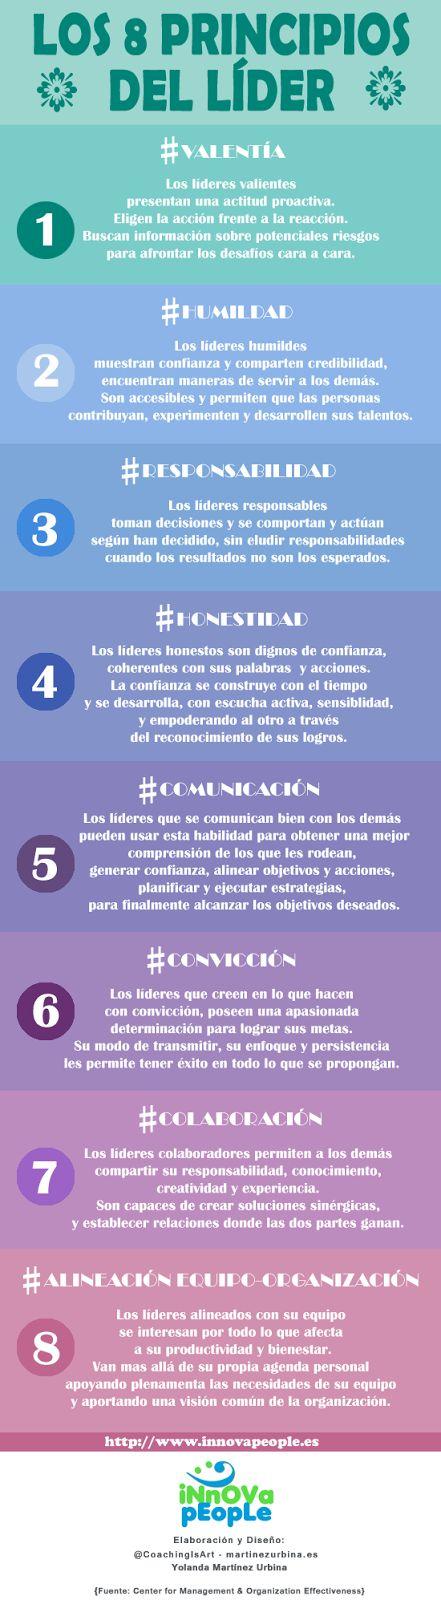 Los 8 principios de un líder compartida por #cosmeticoslibni productos #cosmeticos y de #limpieza